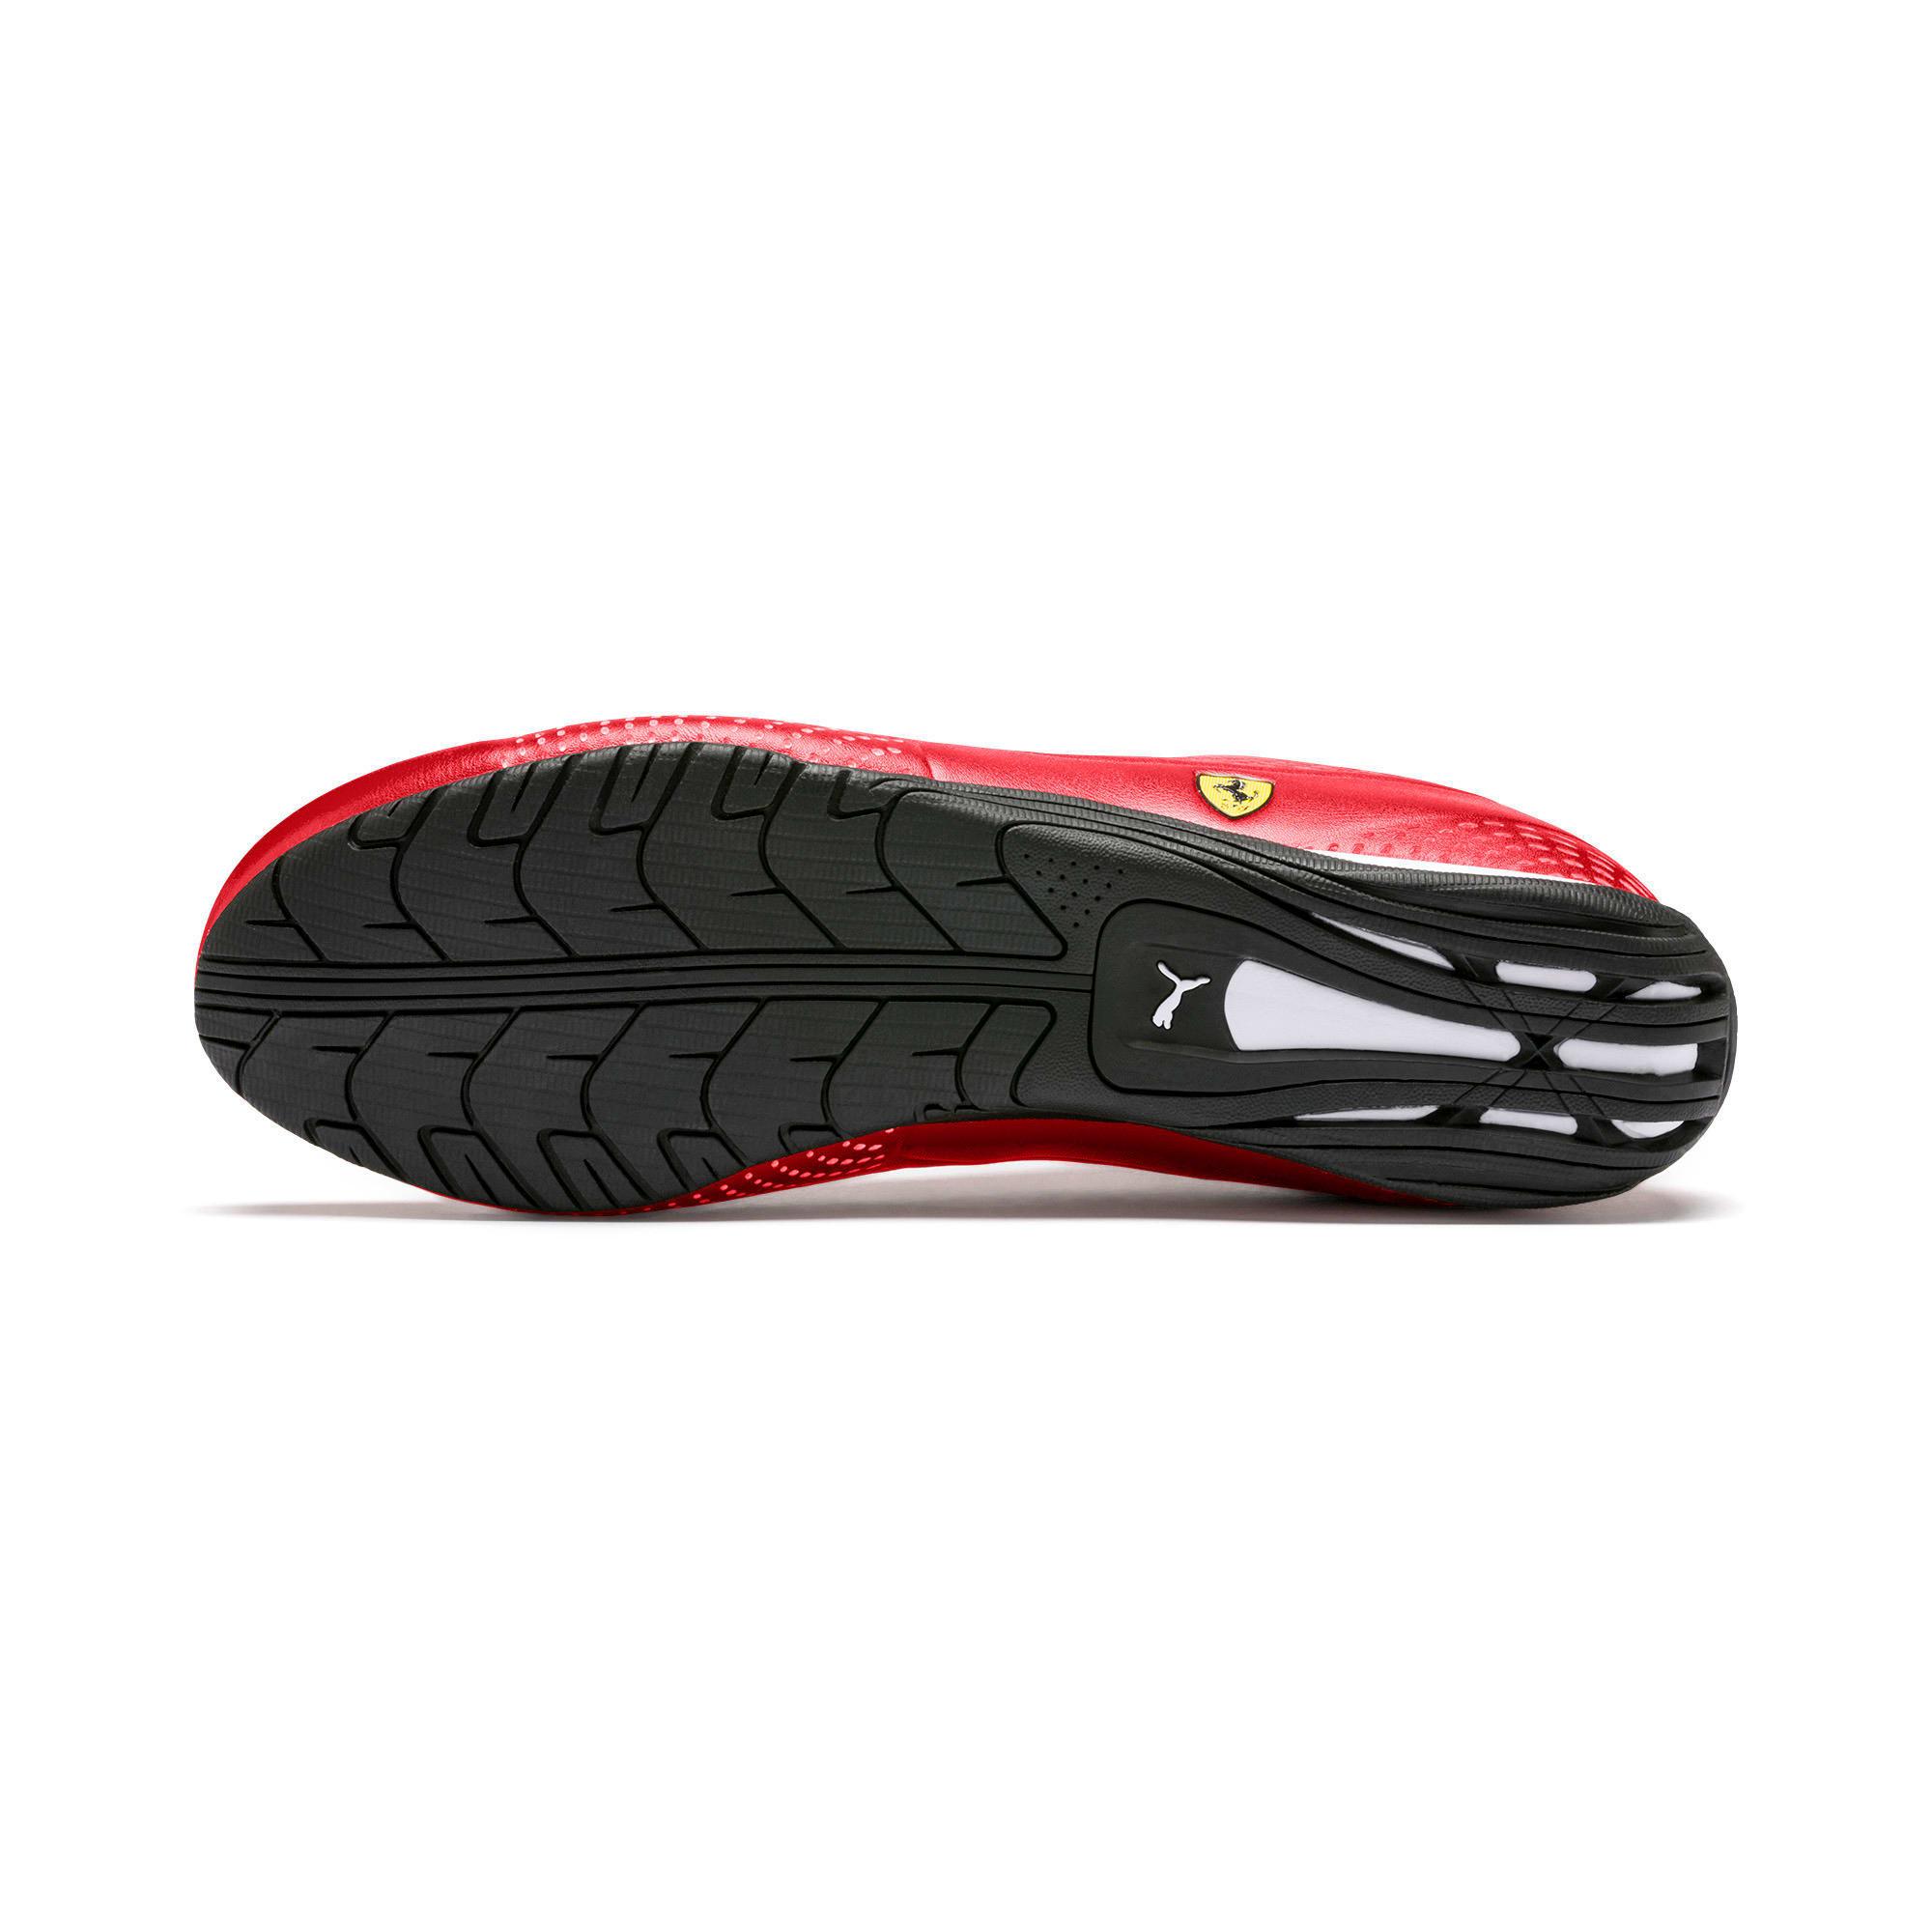 Miniatura 5 de Zapatos Scuderia Ferrari Drift Cat 5 Ultra II, Rosso Corsa-Puma White, mediano